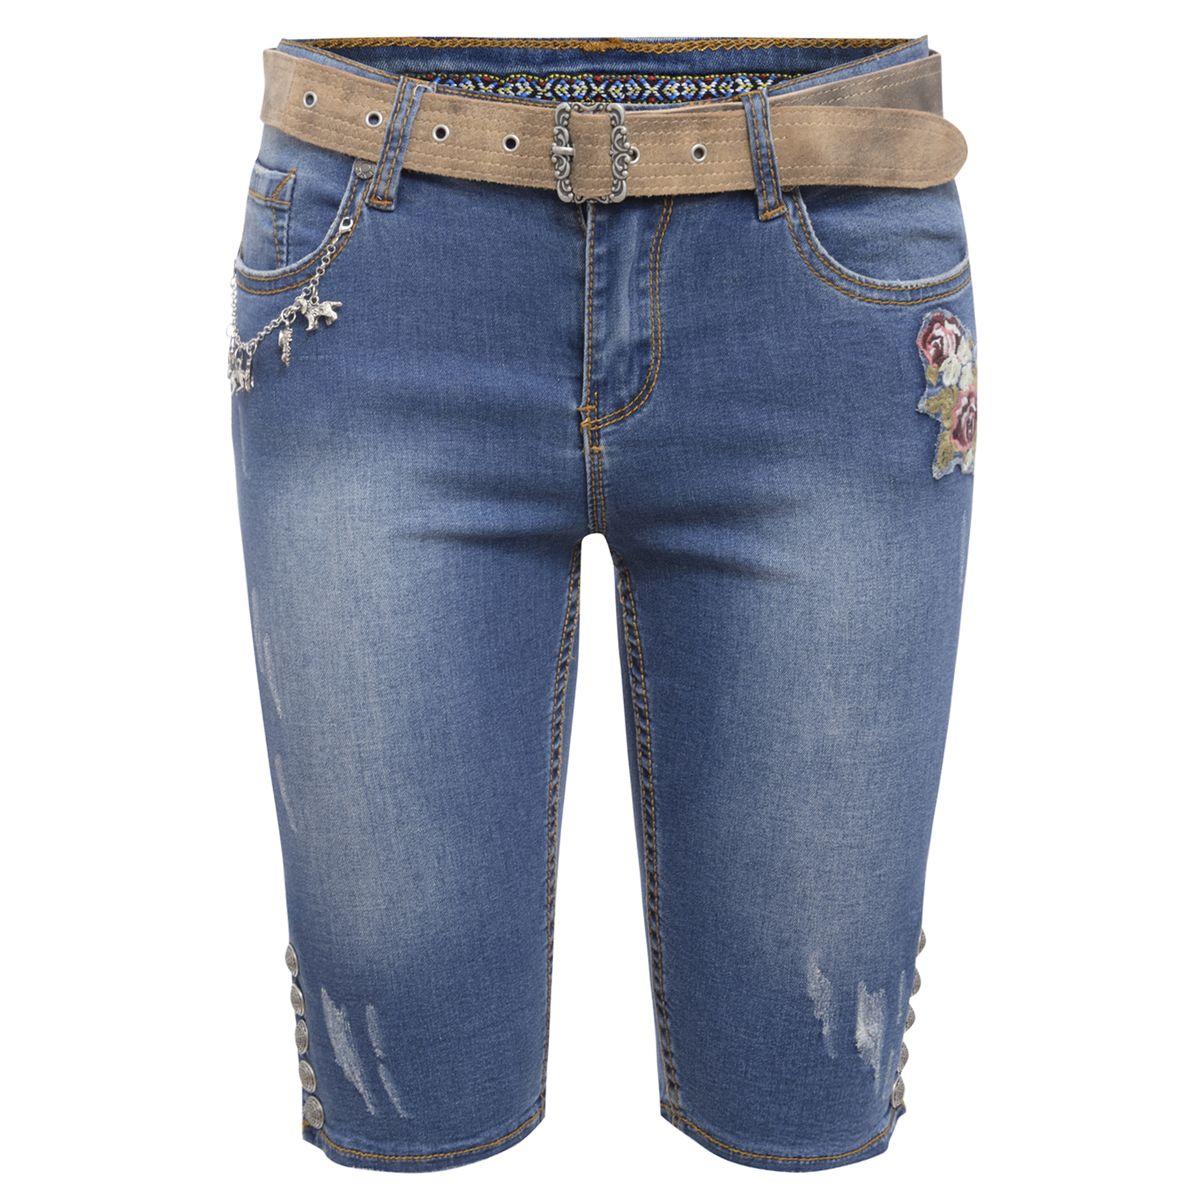 Jeansshort Bahati Lisa in Blau von Marjo Trachten günstig online kaufen